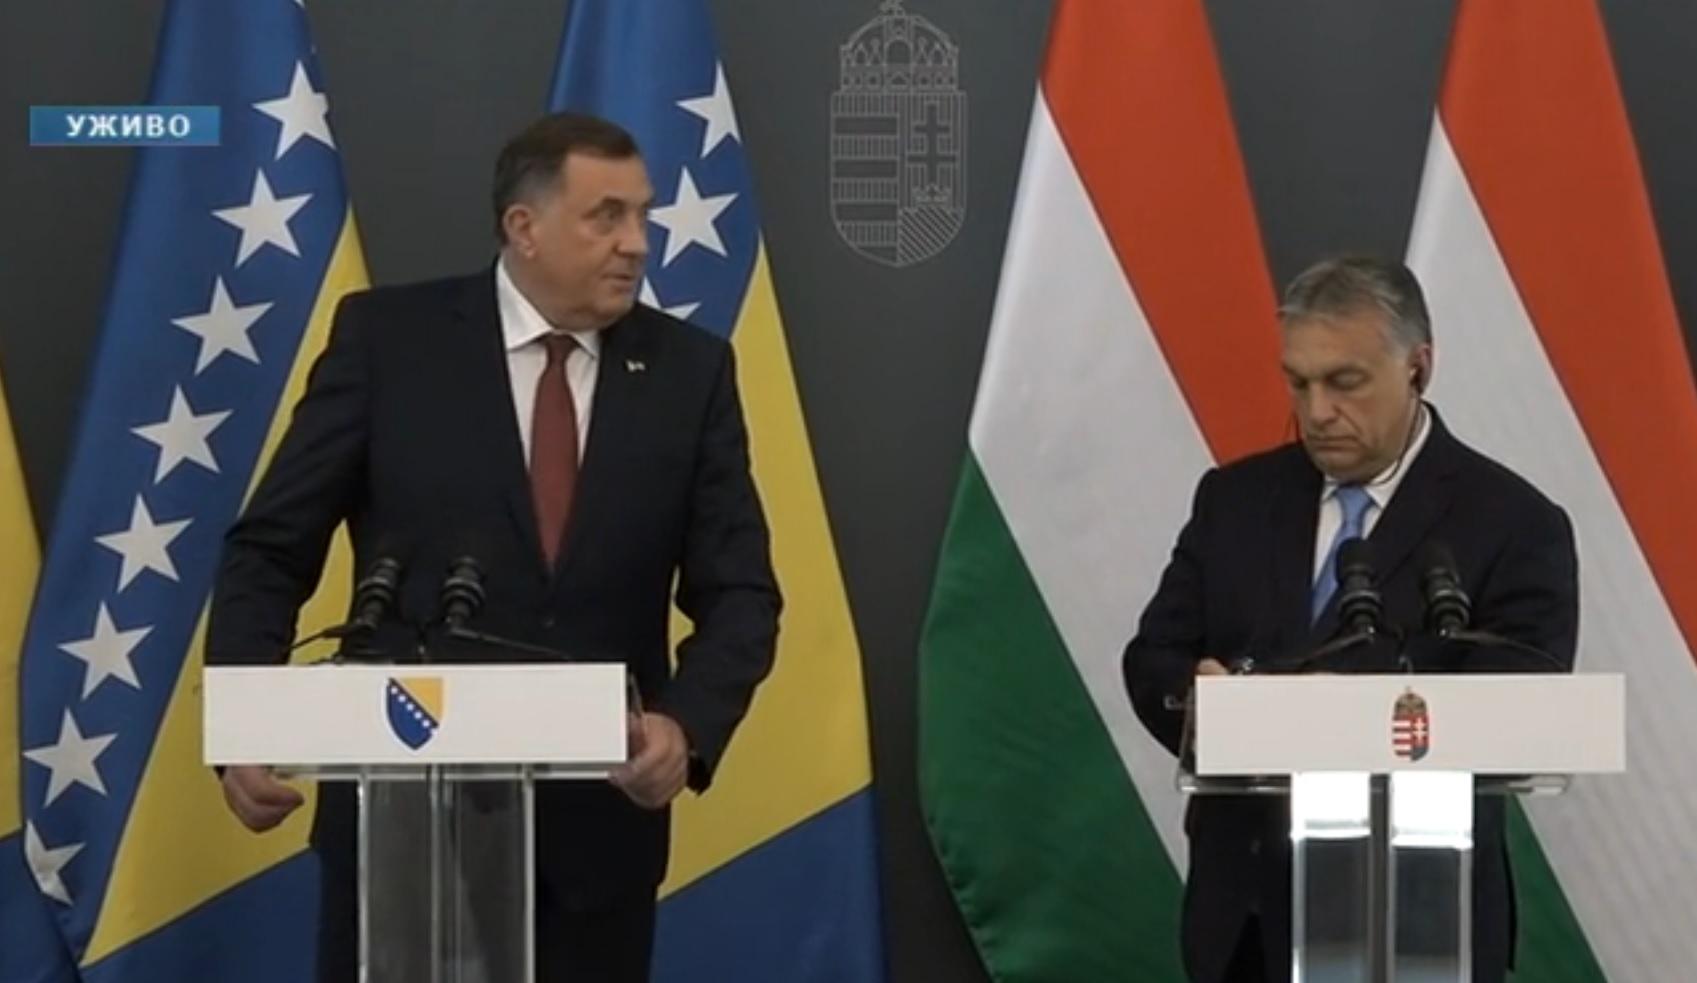 Orbánnal tárgyalt a boszniai szerbek vezetője, de csak a szerb sajtónak szóltak róla